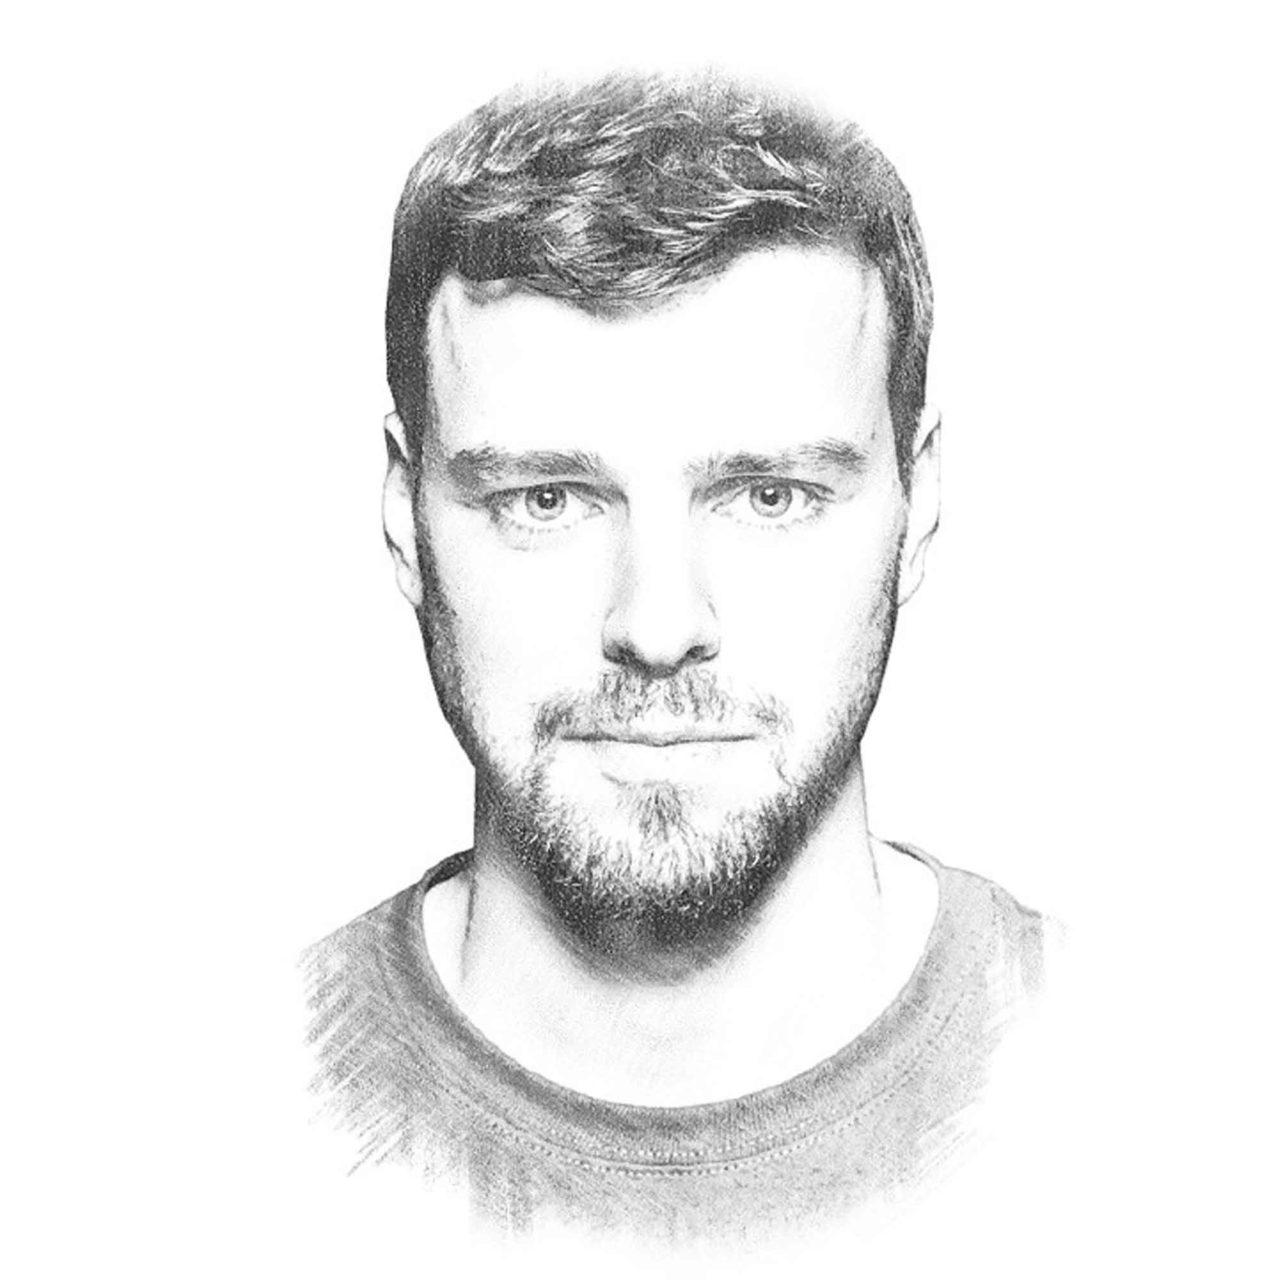 https://www.snackondesign.com/wp-content/uploads/2018/06/Gabriel-Landers-1280x1280.jpg